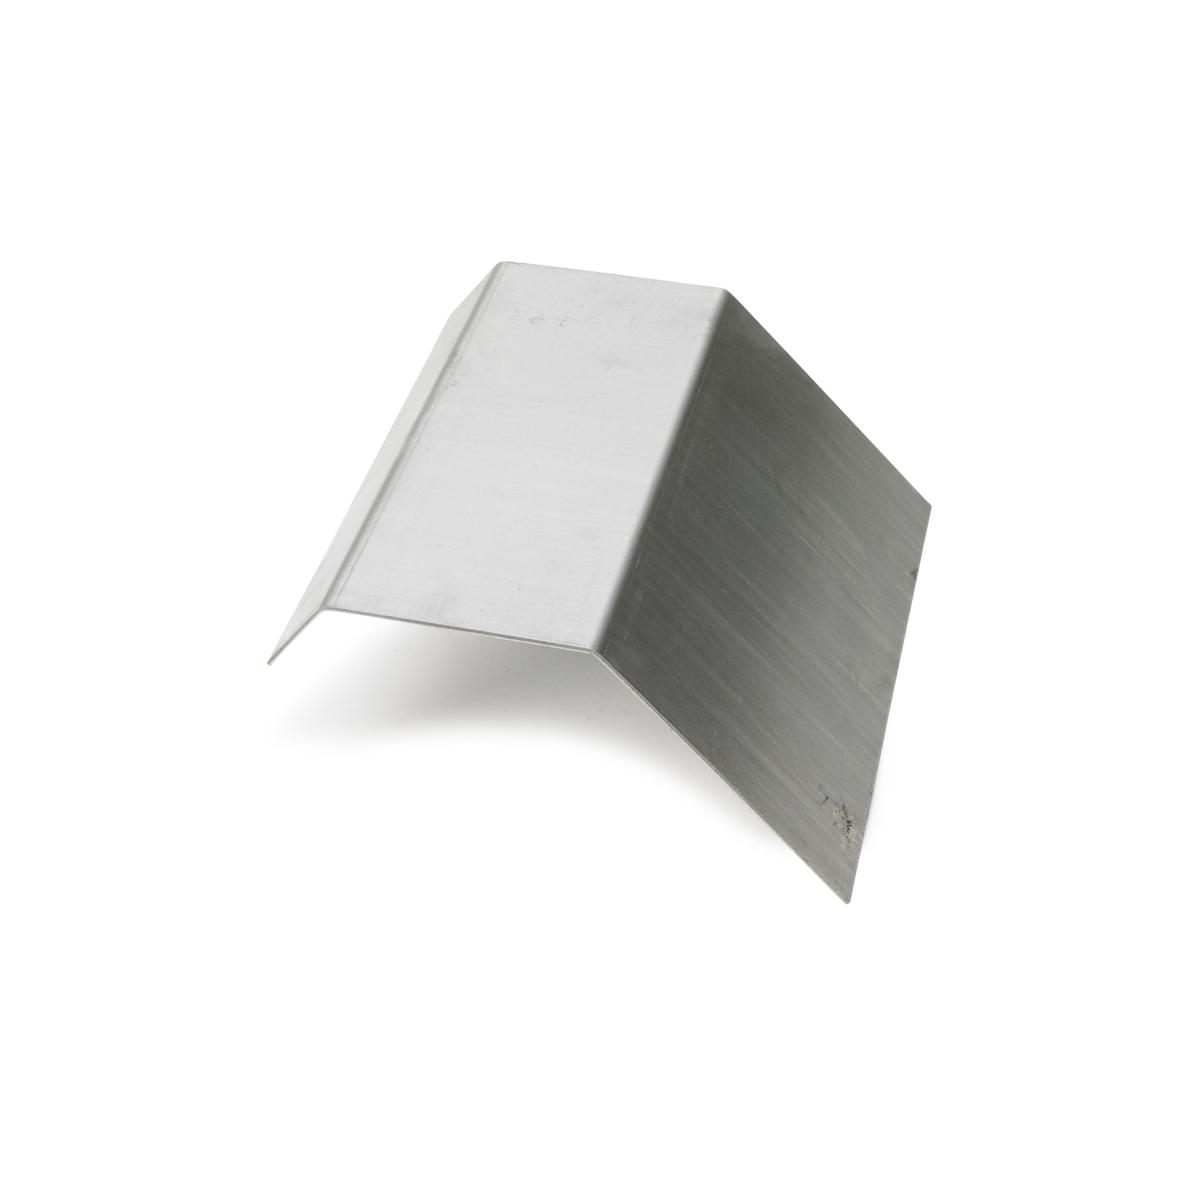 Rheinzink klang t.b.v. standaard deklijst 45/70mm dikte=1.1mm